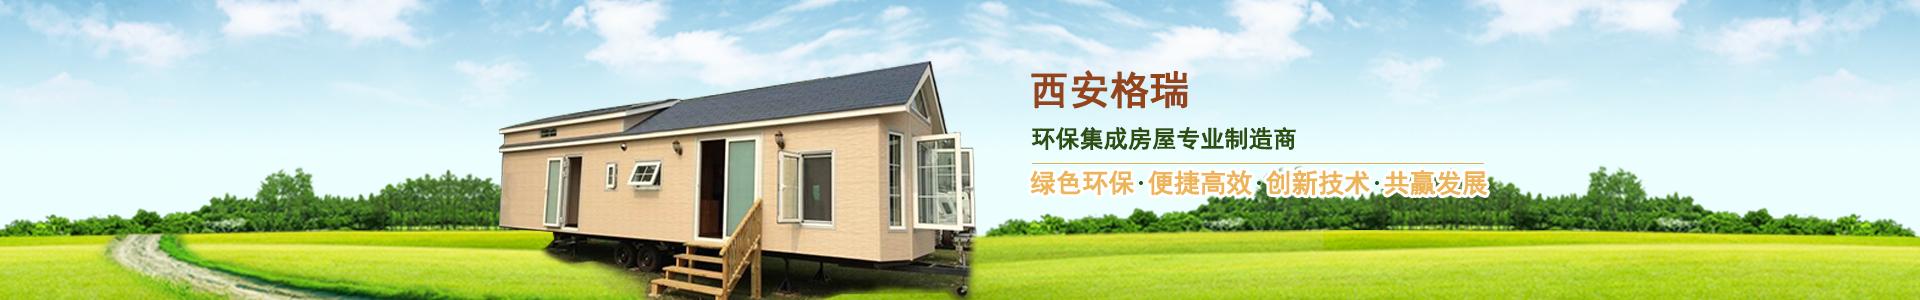 光伏环保集成房屋,光热环保集成房屋